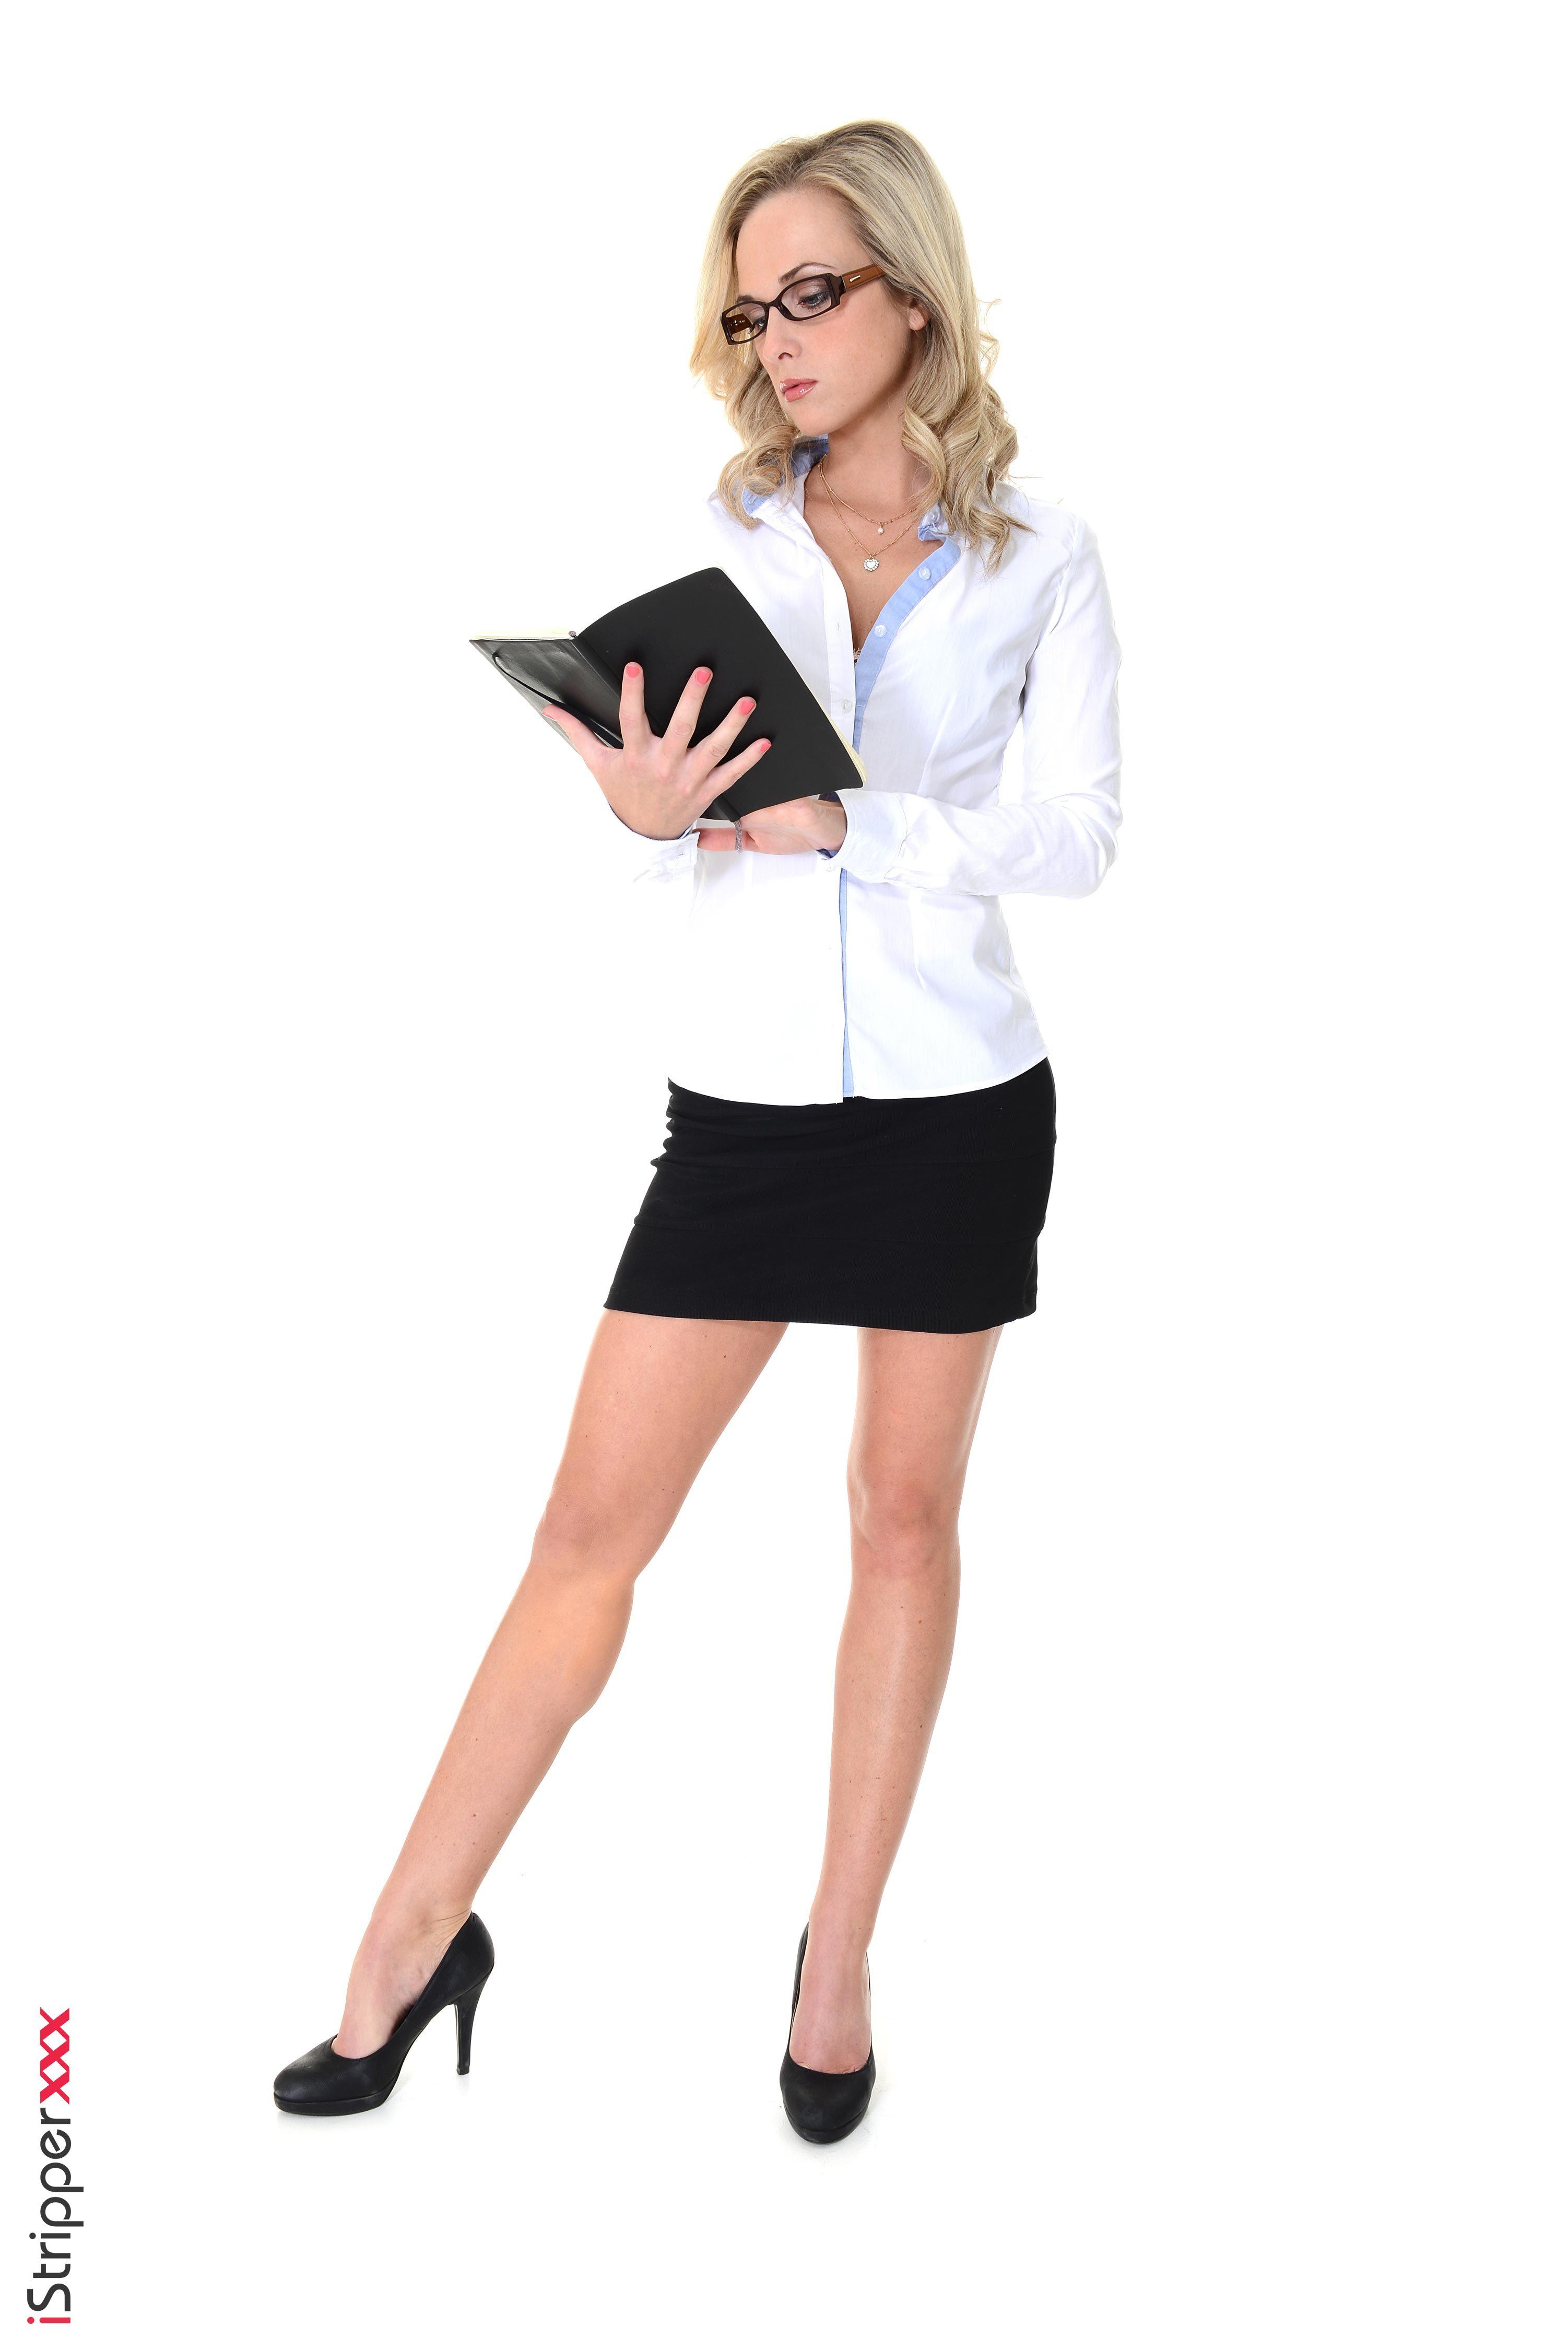 Фото Vinna Reed Блондинка Секретарши iStripper молодая женщина Ноги Руки очков Белый фон Туфли  для мобильного телефона блондинки блондинок секретарша девушка Девушки молодые женщины ног Очки рука очках белом фоне белым фоном туфель туфлях